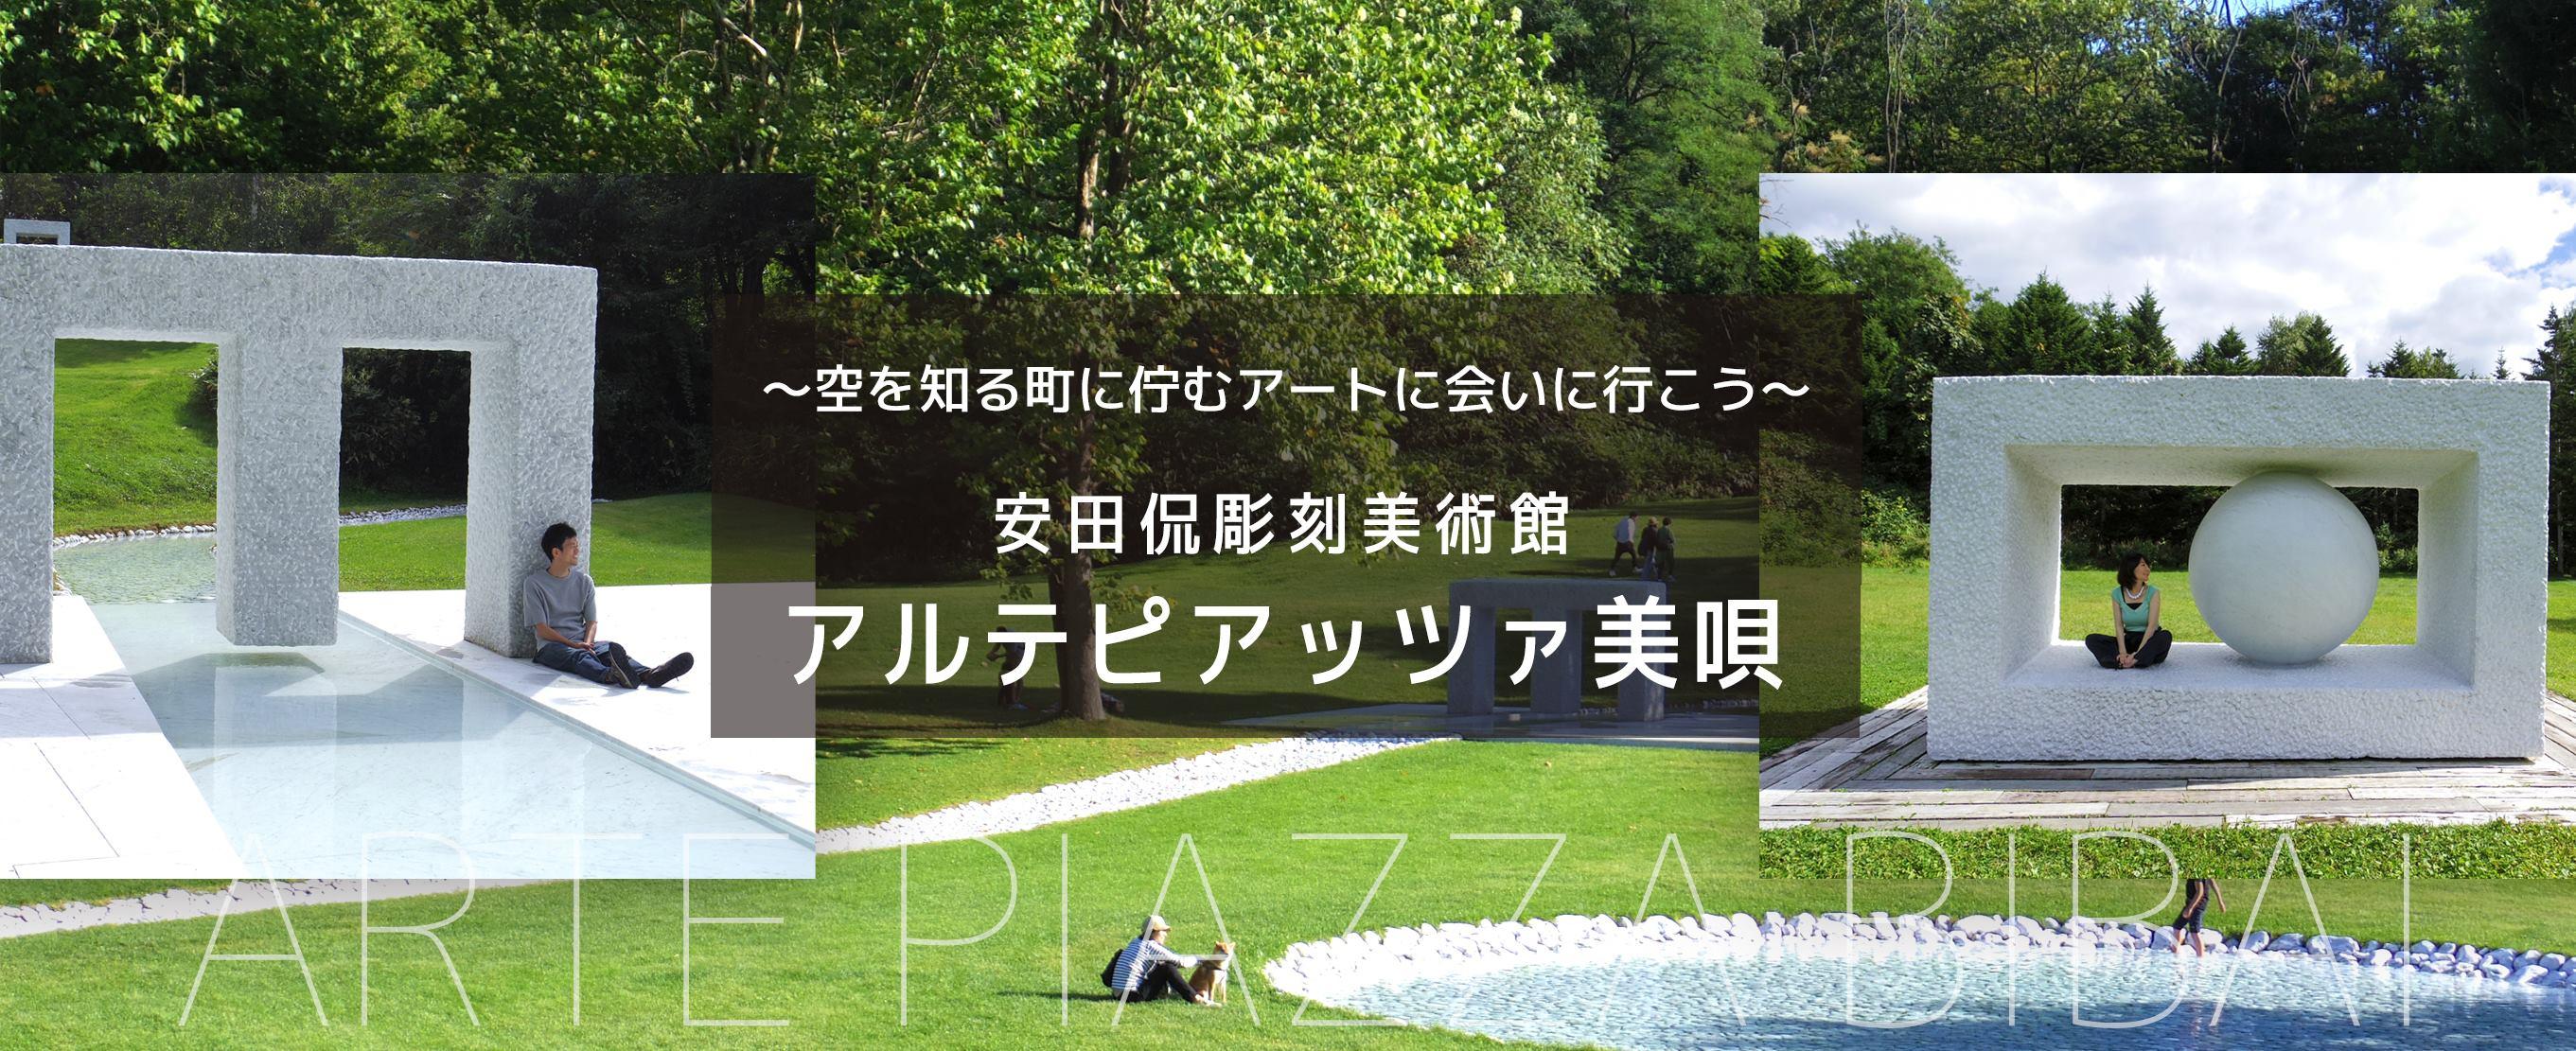 〜空を知る町に佇むアートに会いに行こう〜安田侃彫刻美術館 アルテピアッツァ美唄